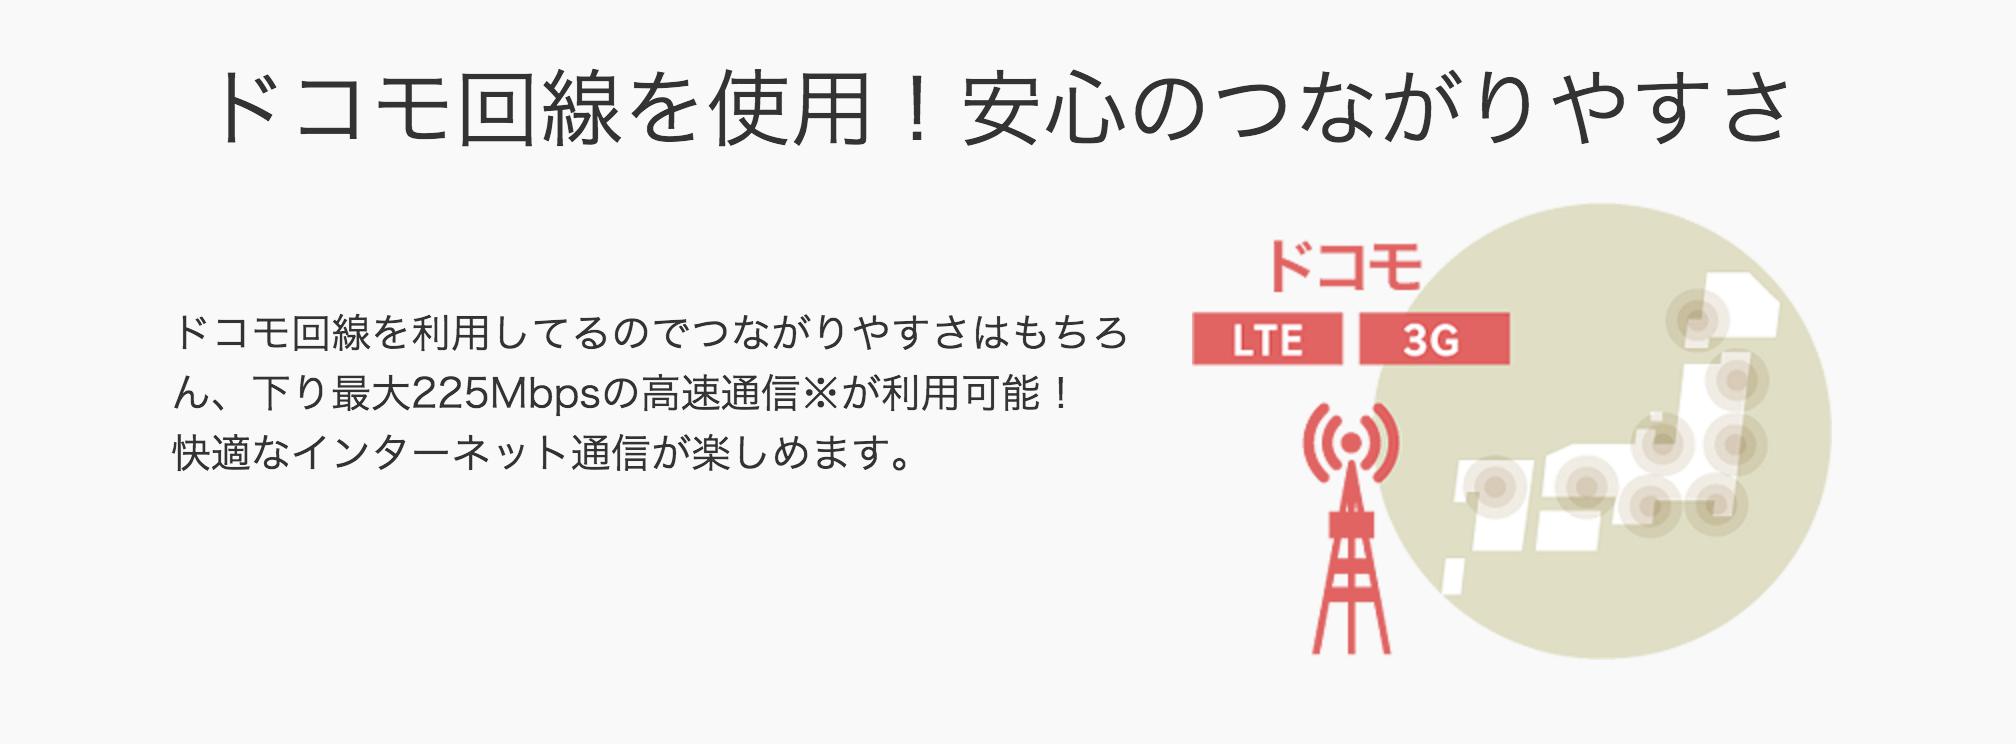 スクリーンショット 2015-12-01 7.55.13